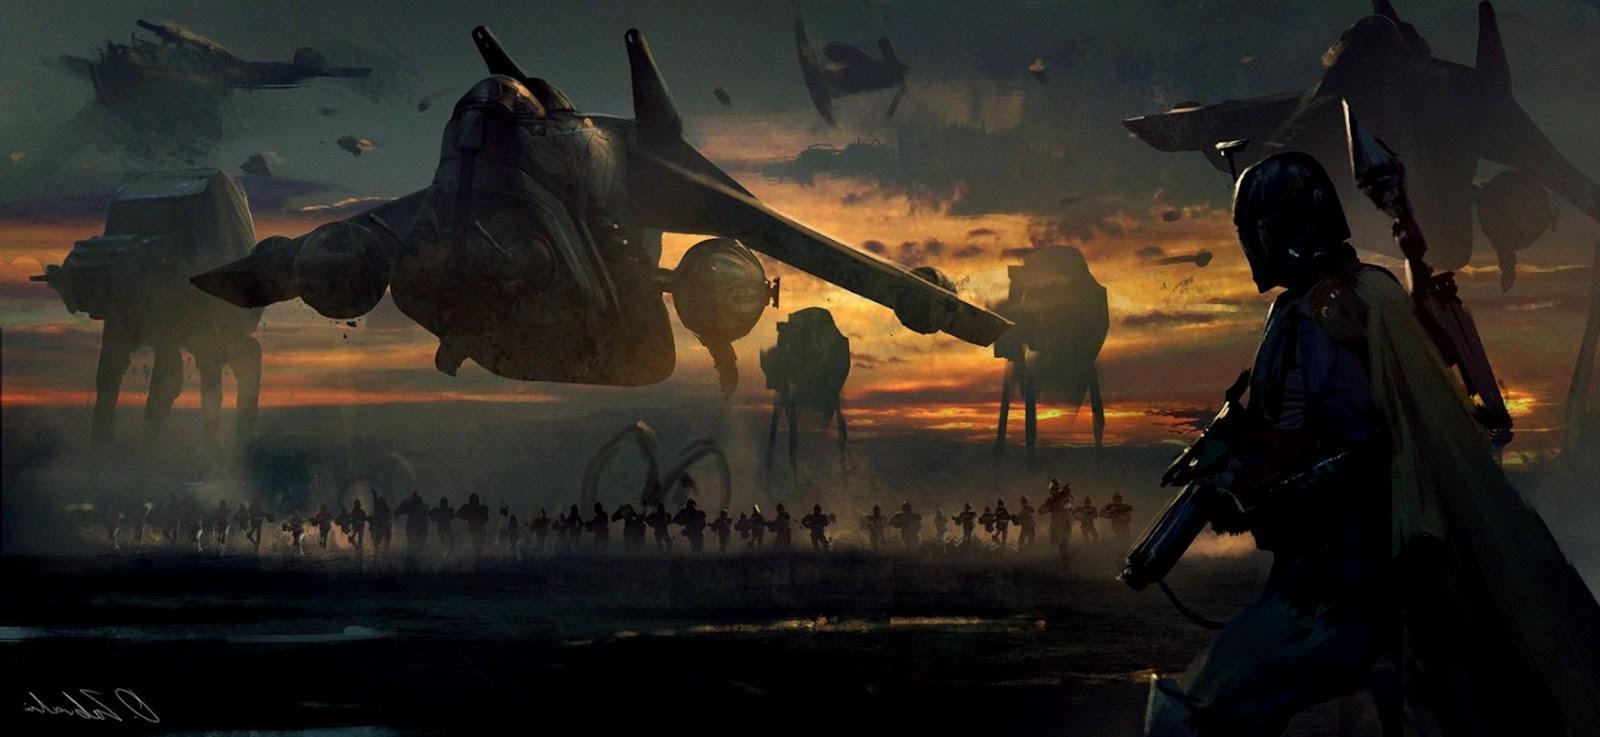 Star Wars Boba Fett wallpaper x